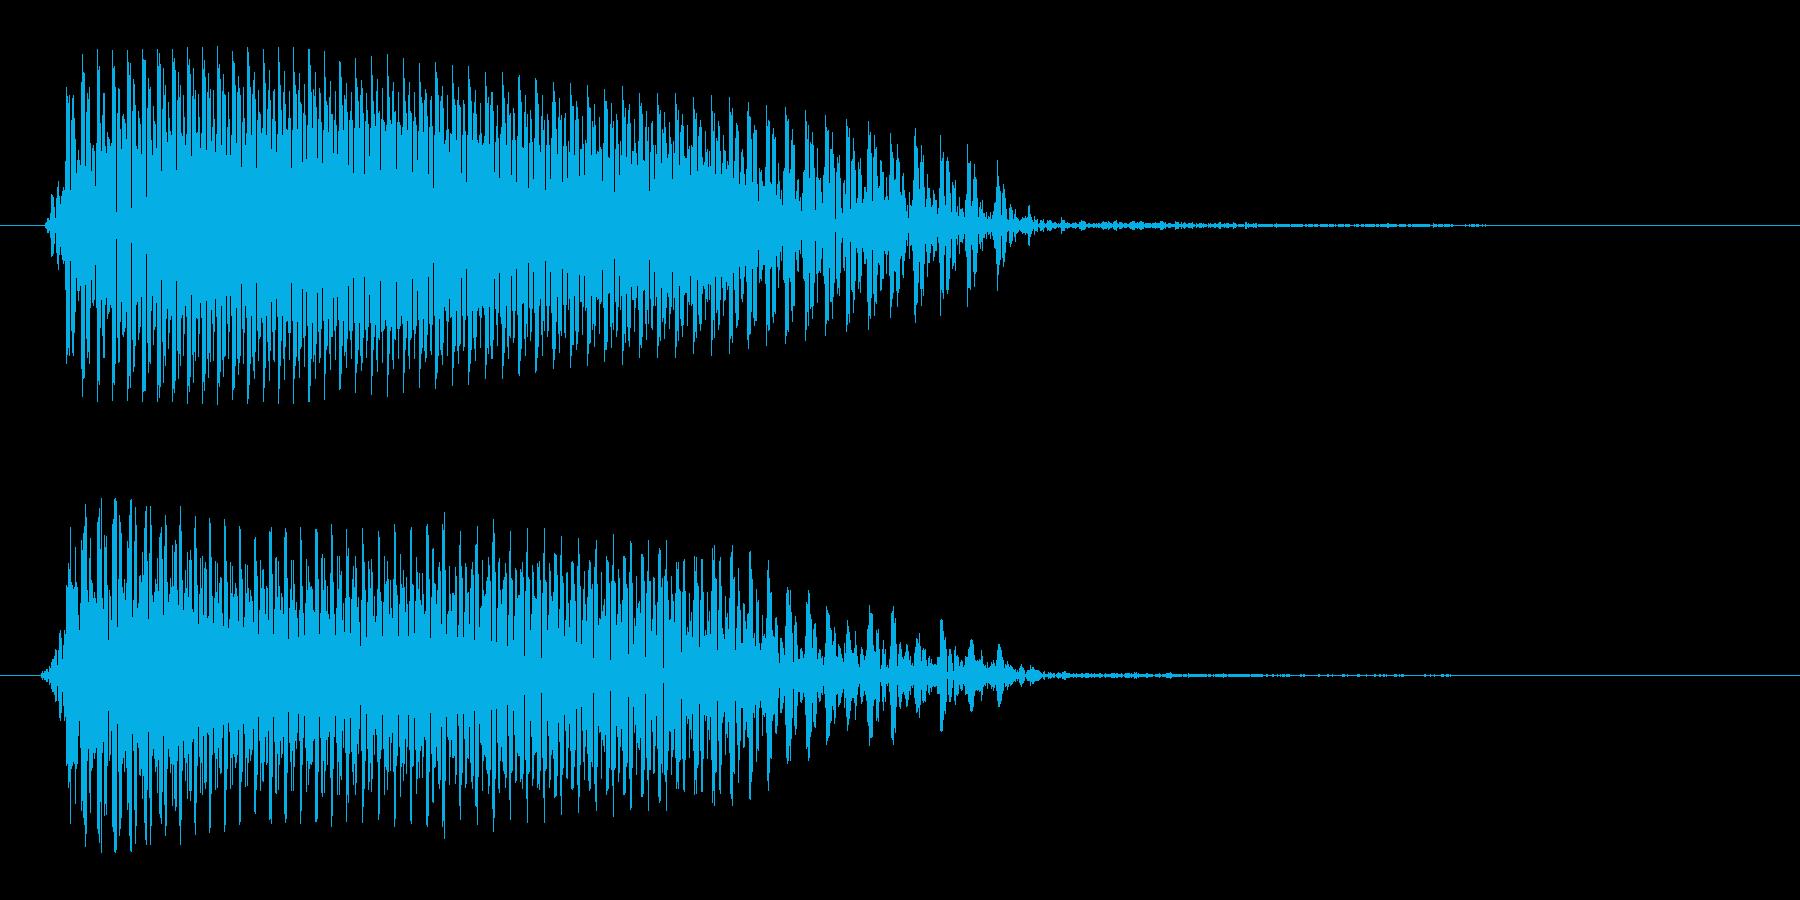 カラスの鳴き声の効果音の再生済みの波形